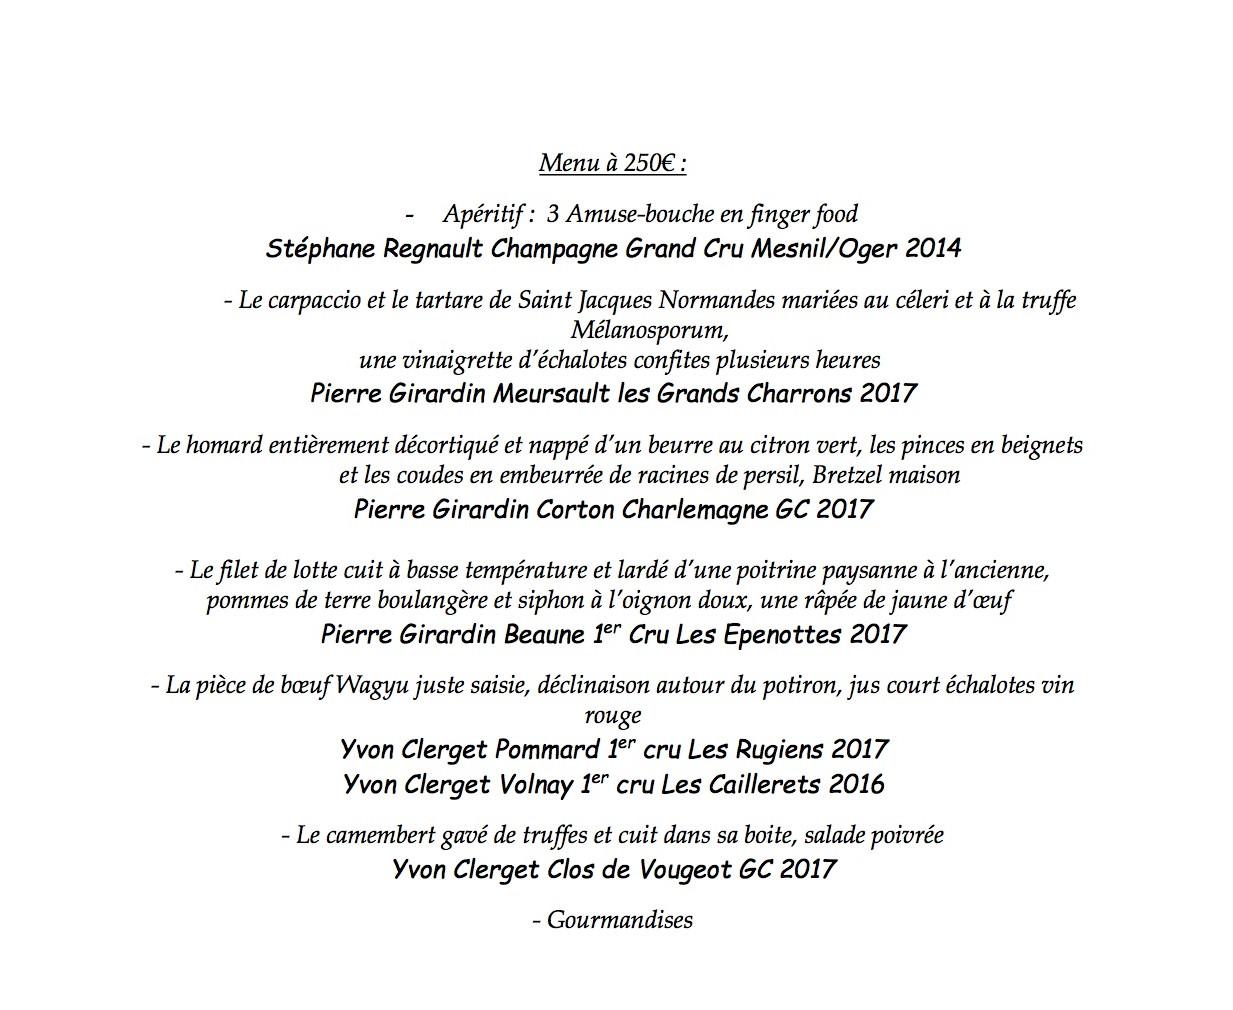 Un menu unique pour mettre en valeur les crus des jeunes viticulteurs bourguignons. (Crédit: Restaurant Clairefontaine)